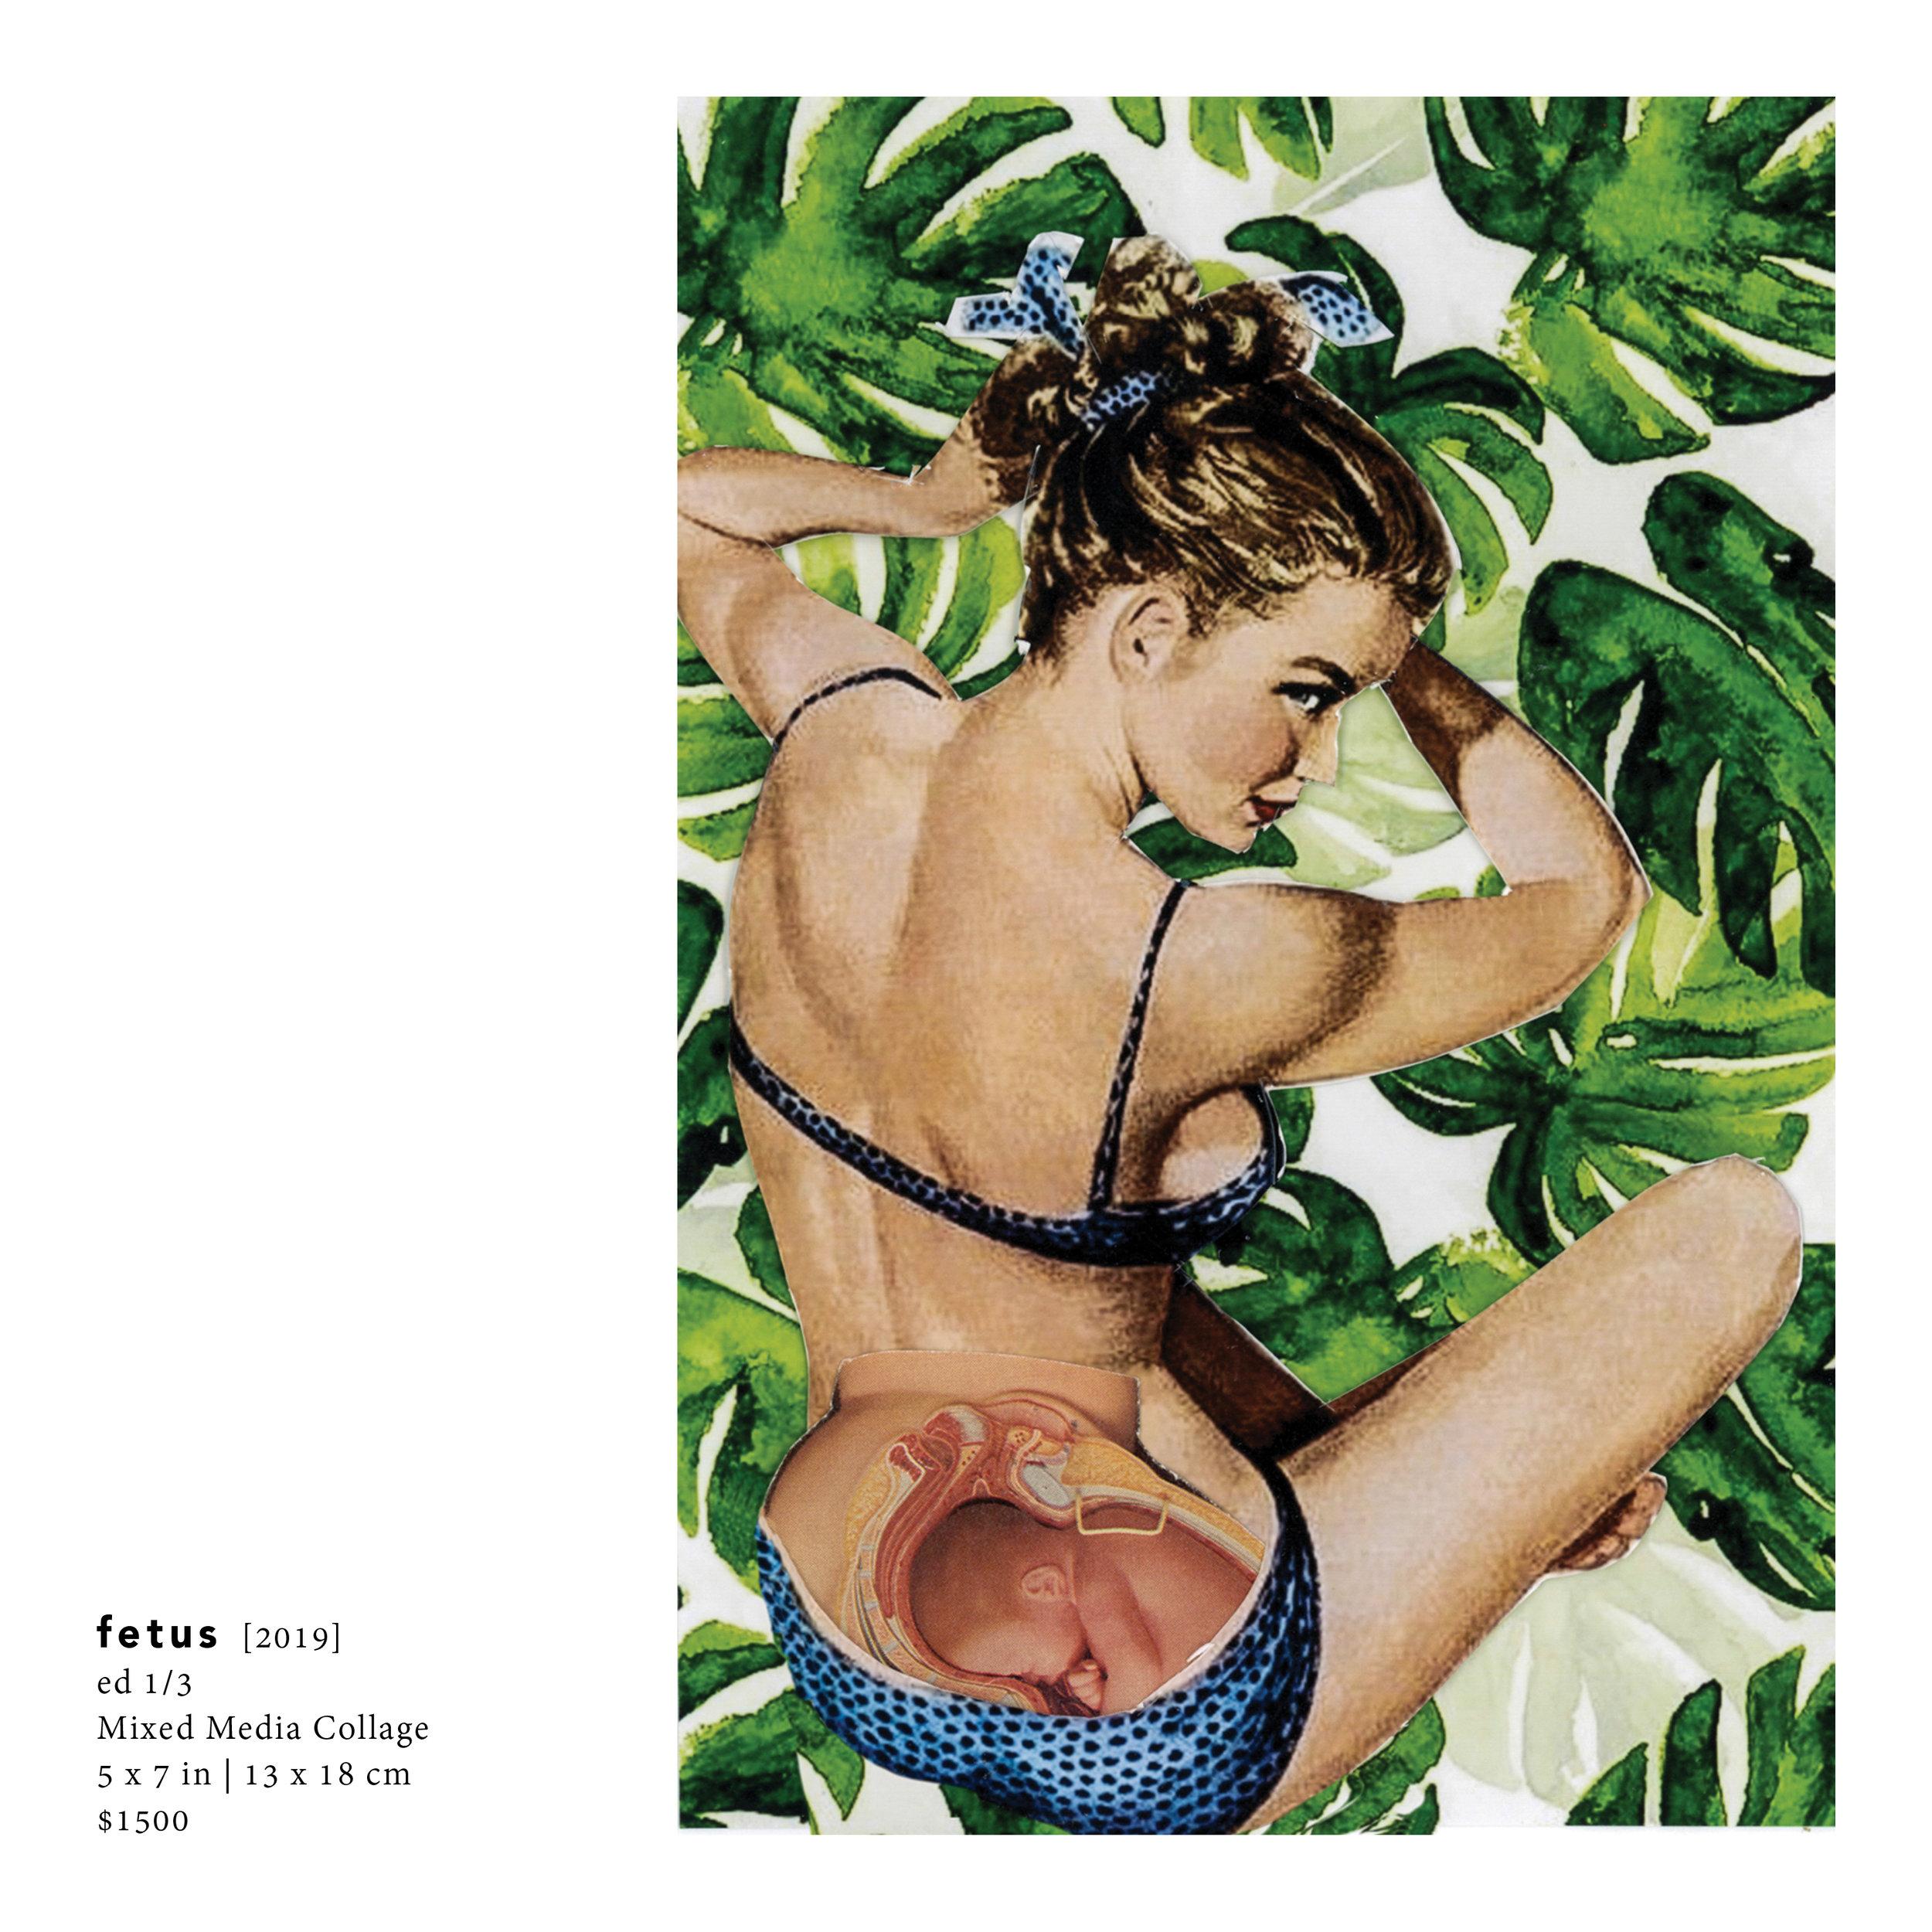 Faena-Inventory-HEYDT-March201995.jpg